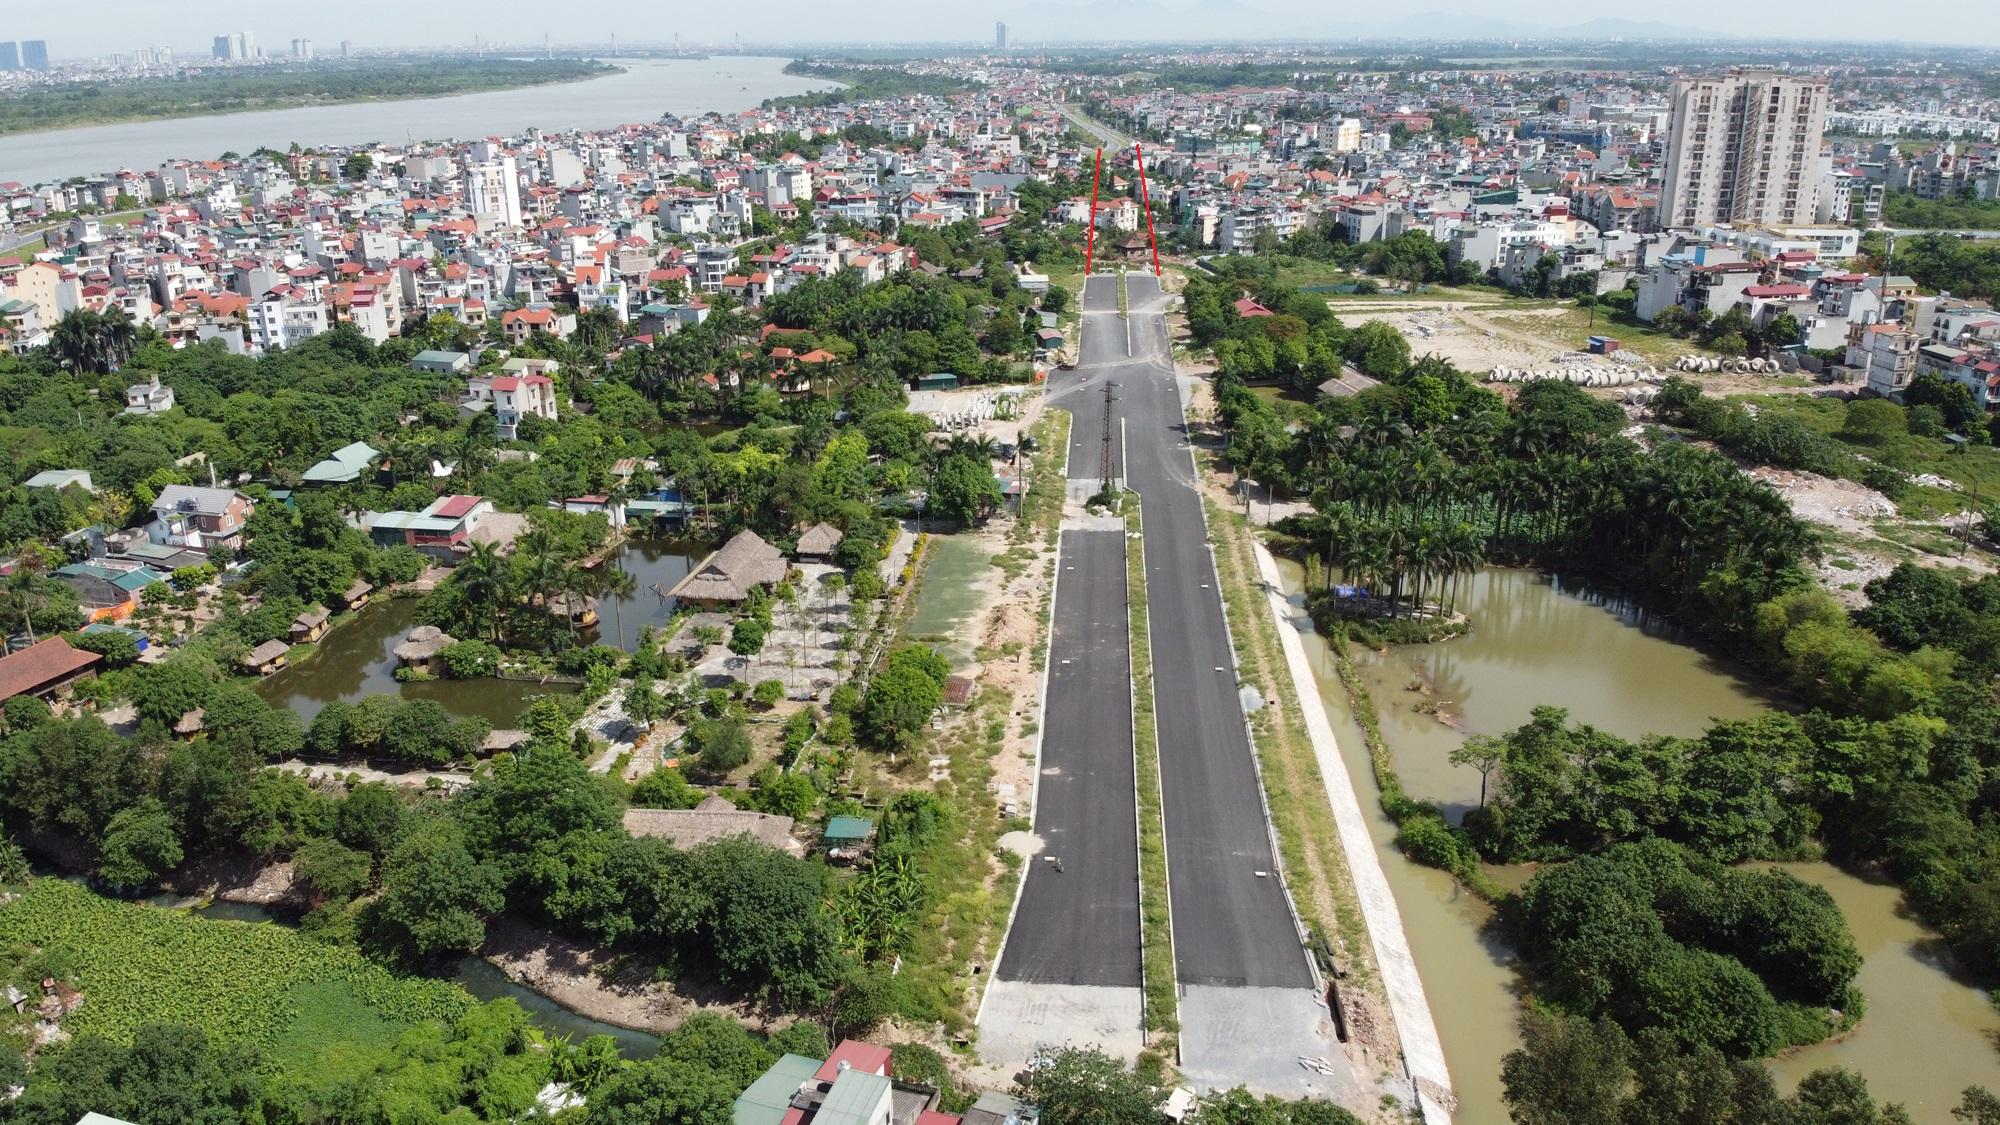 đường sẽ mở theo qui hoạch ở phường Ngọc Thụy, Long Biên, Hà Nội - Ảnh 8.